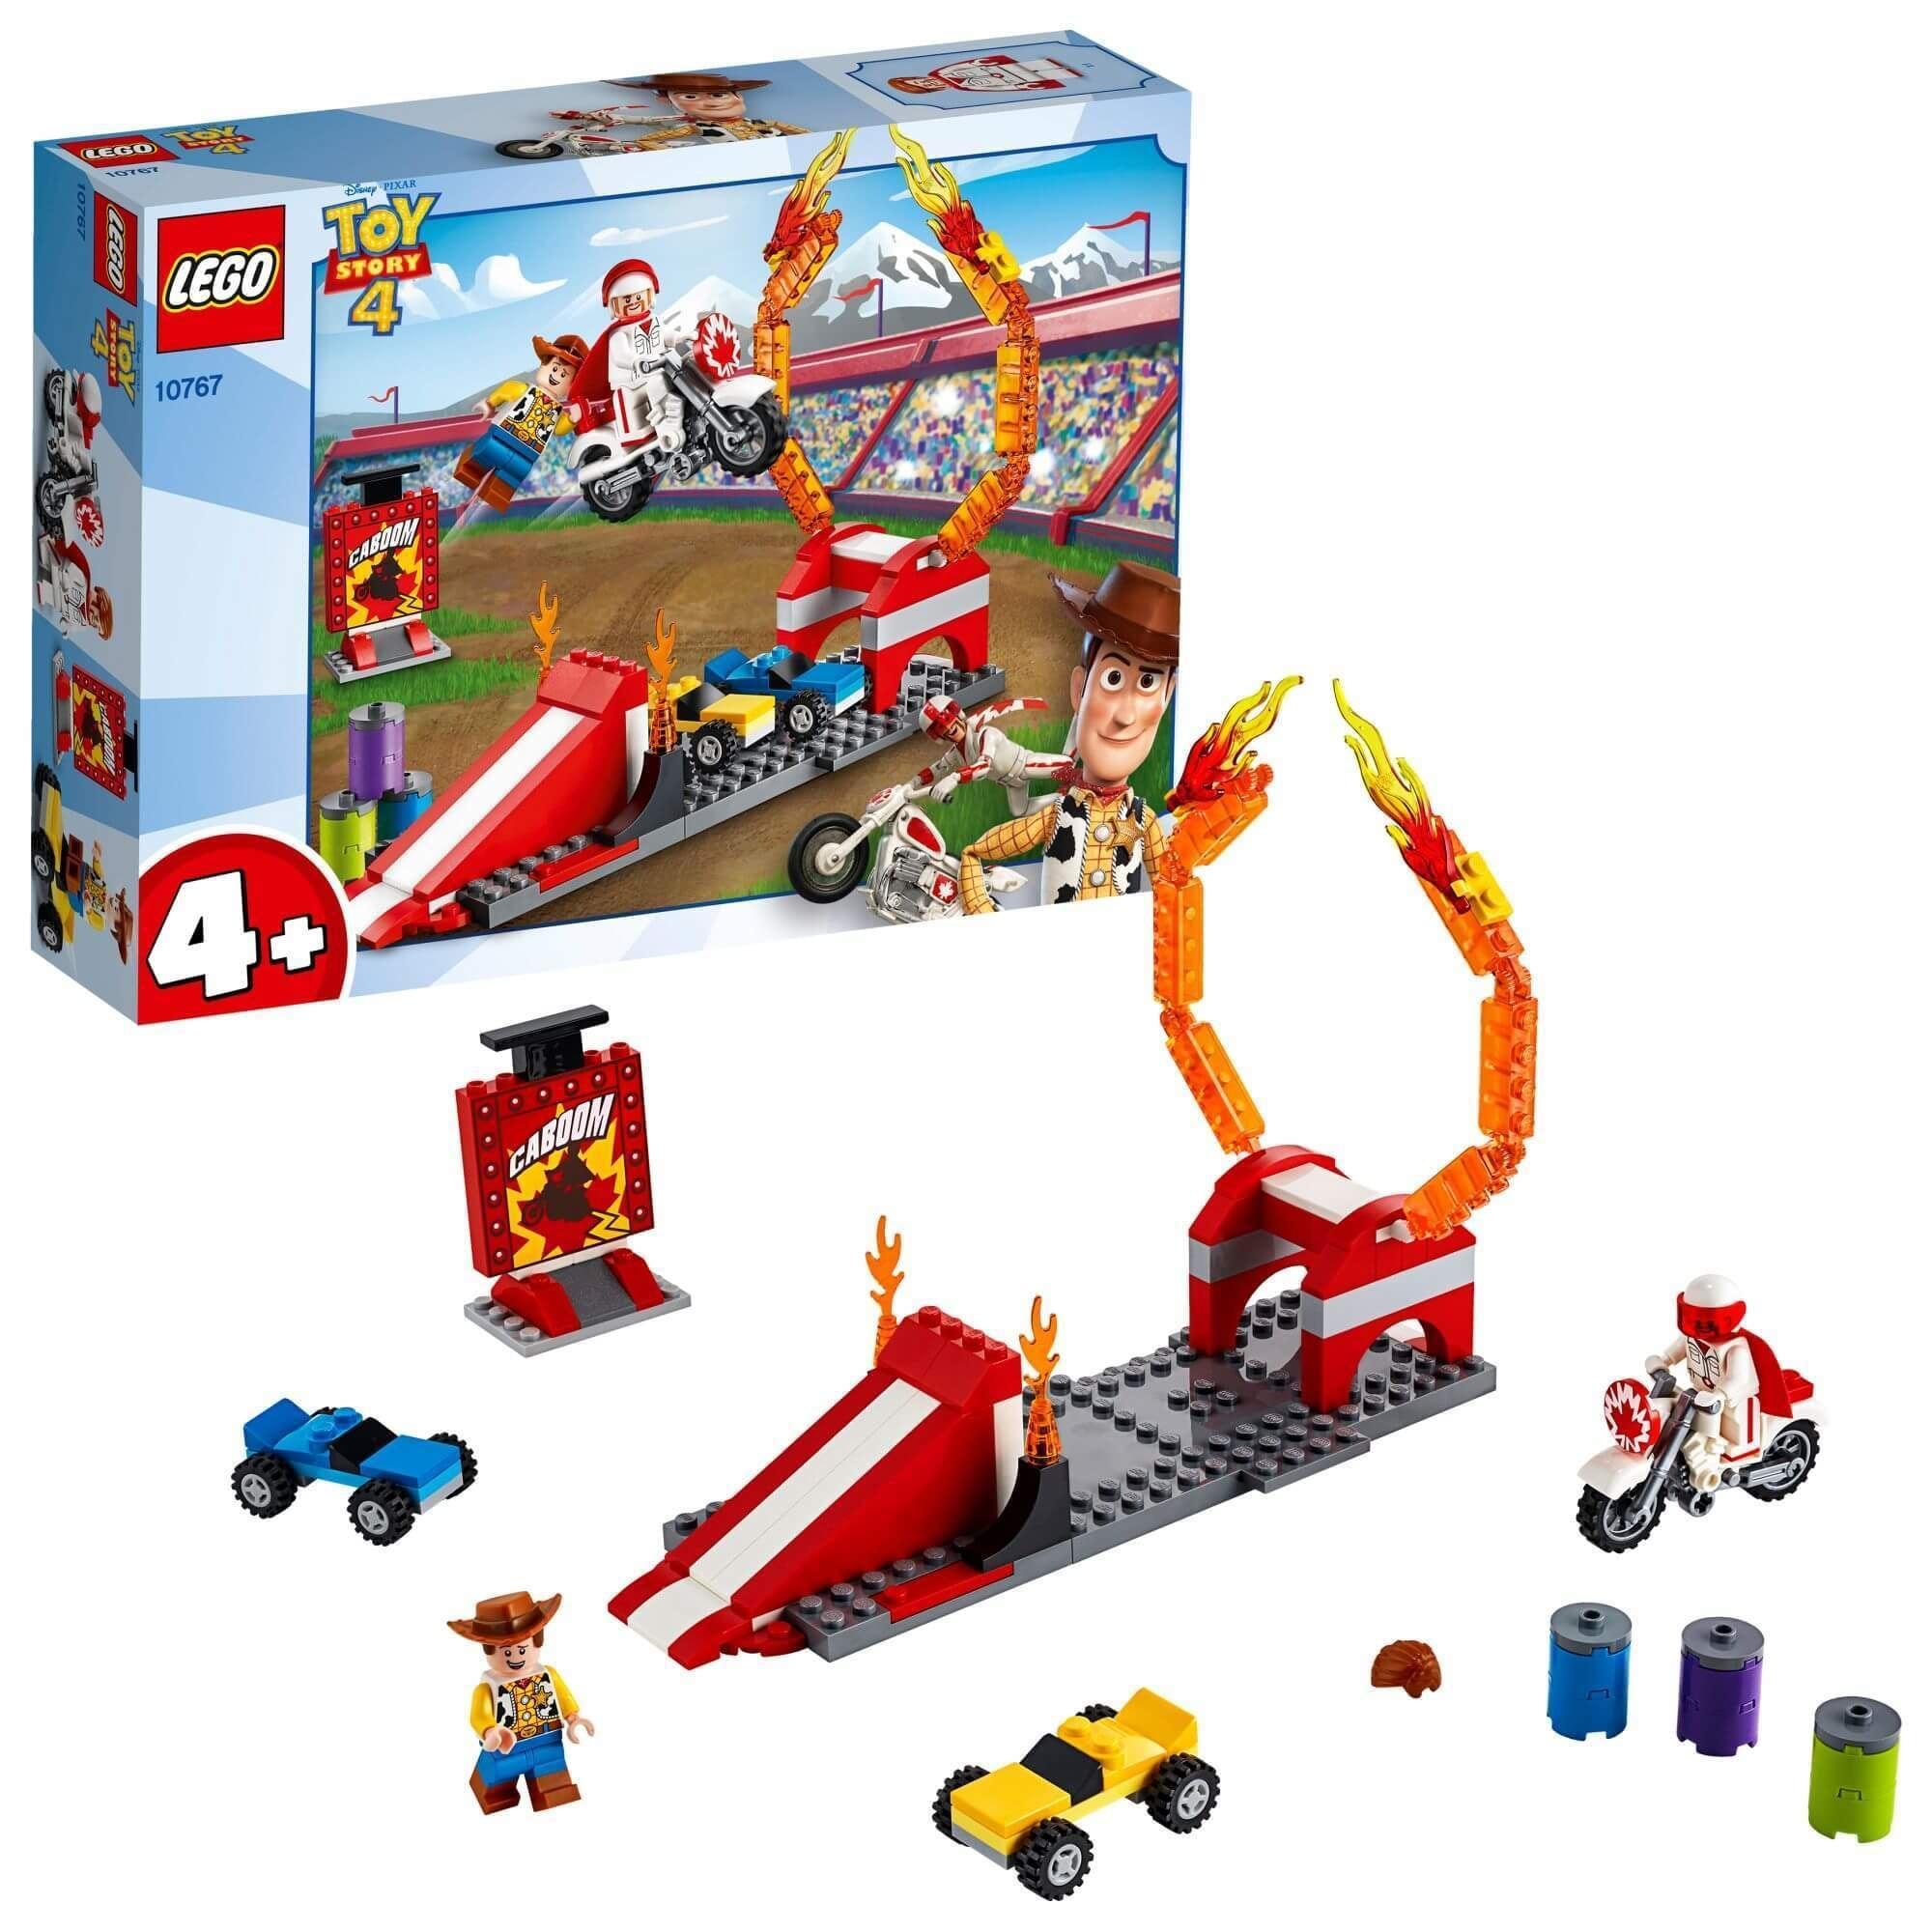 Lego 10767 Toy Story 4+ Stuntshow